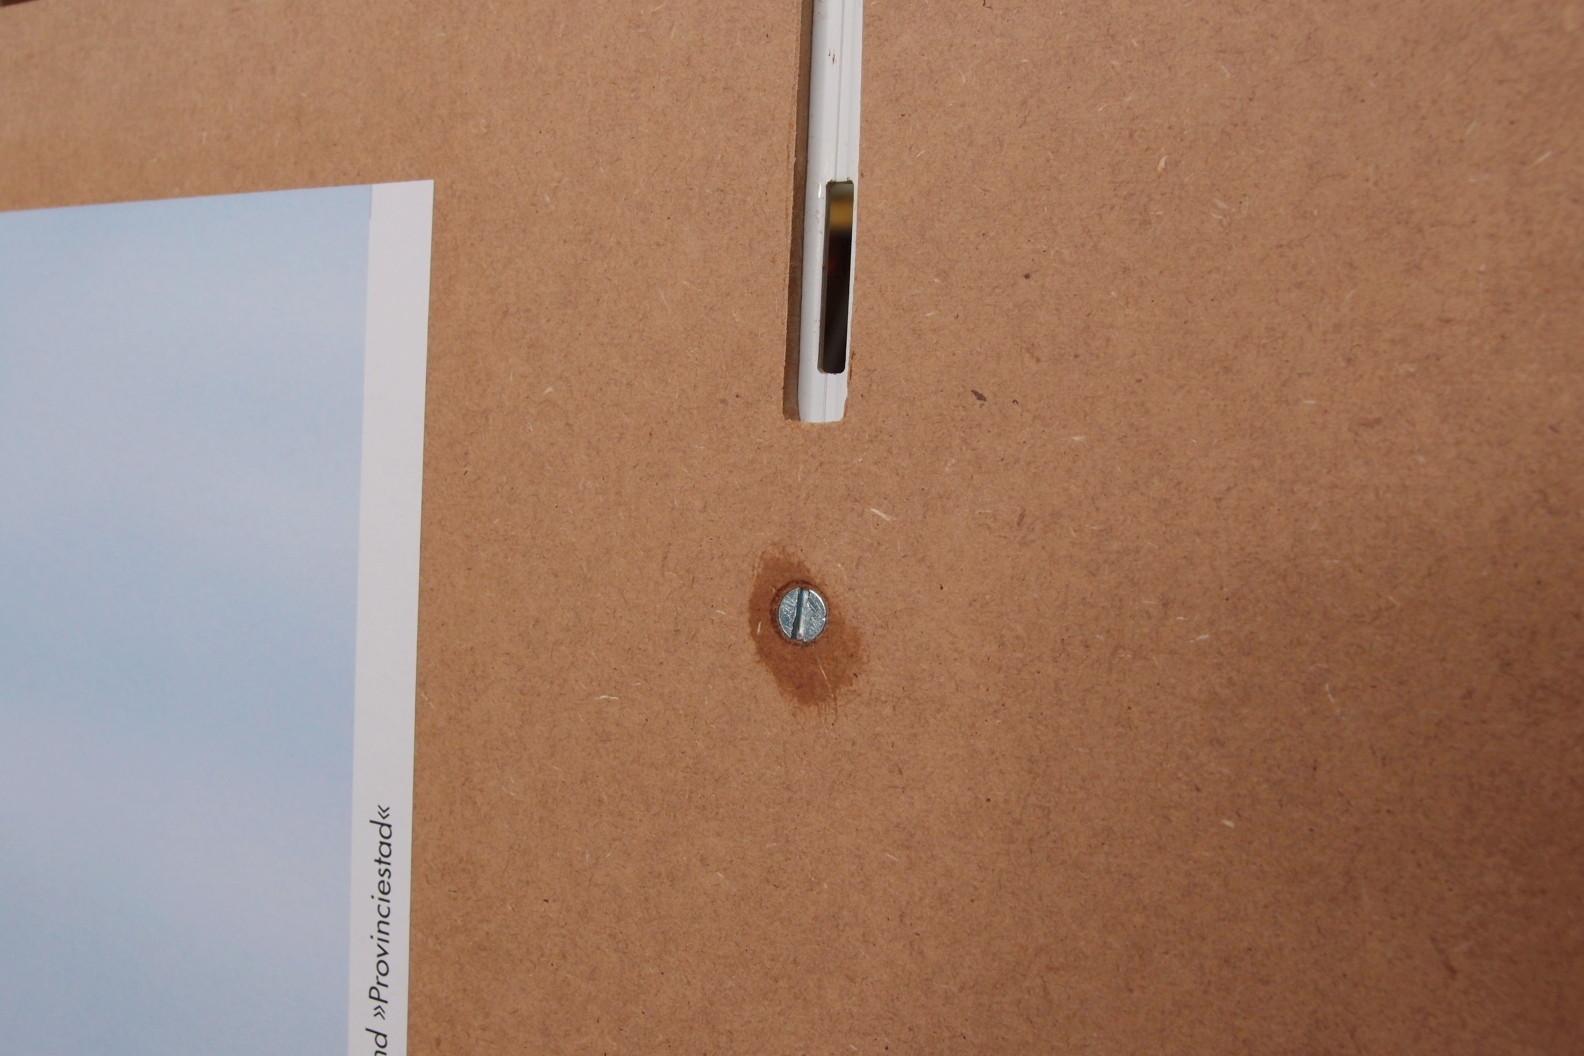 Schraube mit Klarlack und Aussparung zum Einhängen der Regalschiene